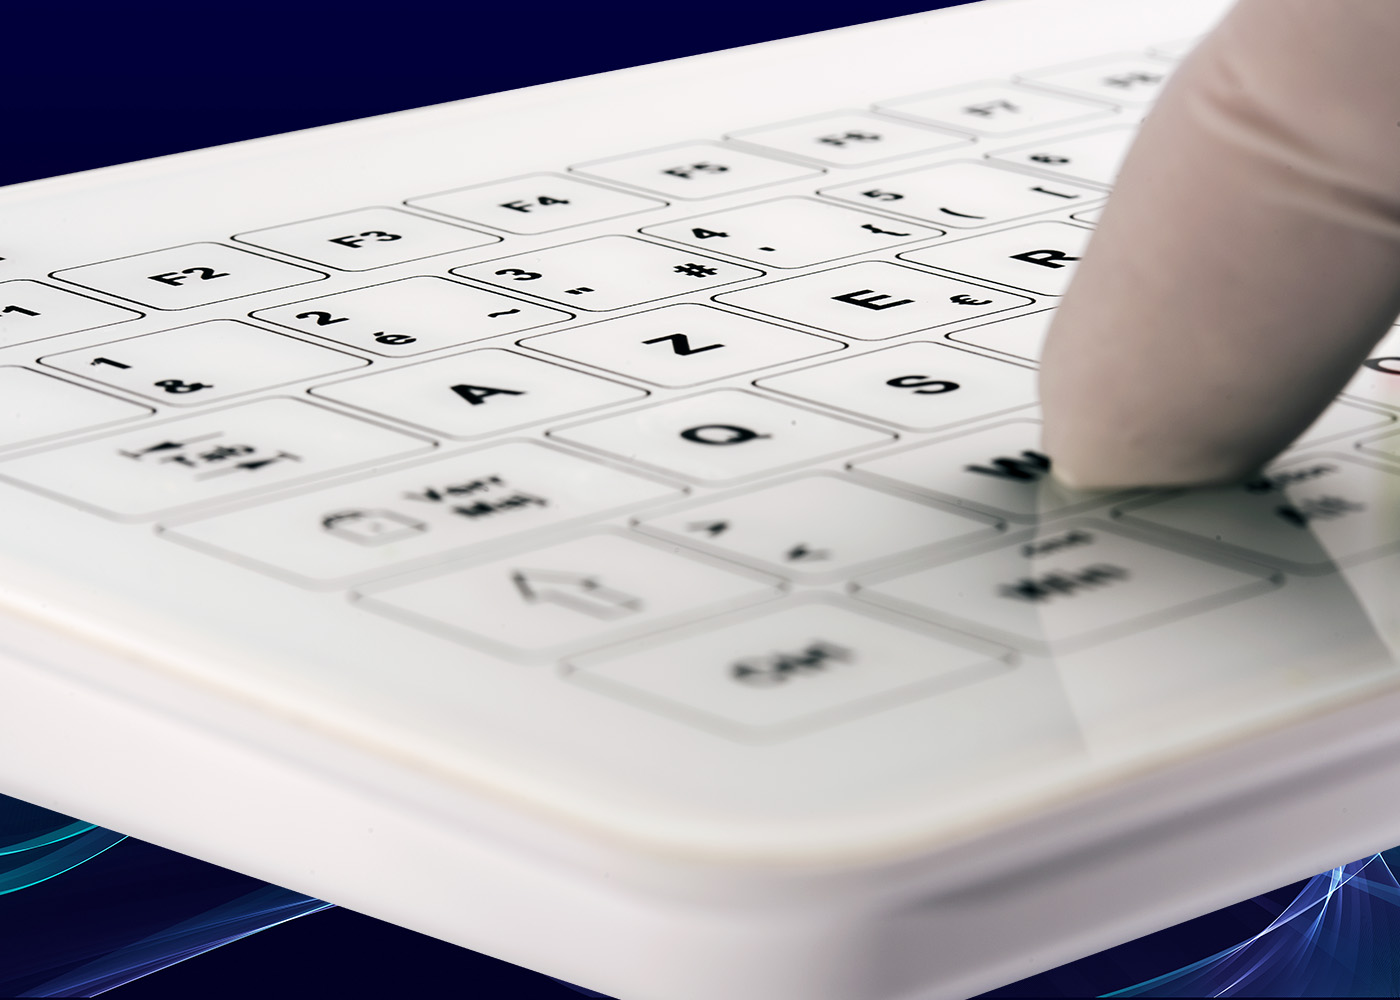 Clavier tactile B45 – face avant verre trempé 2 mm et fond en plastique ABS blanc